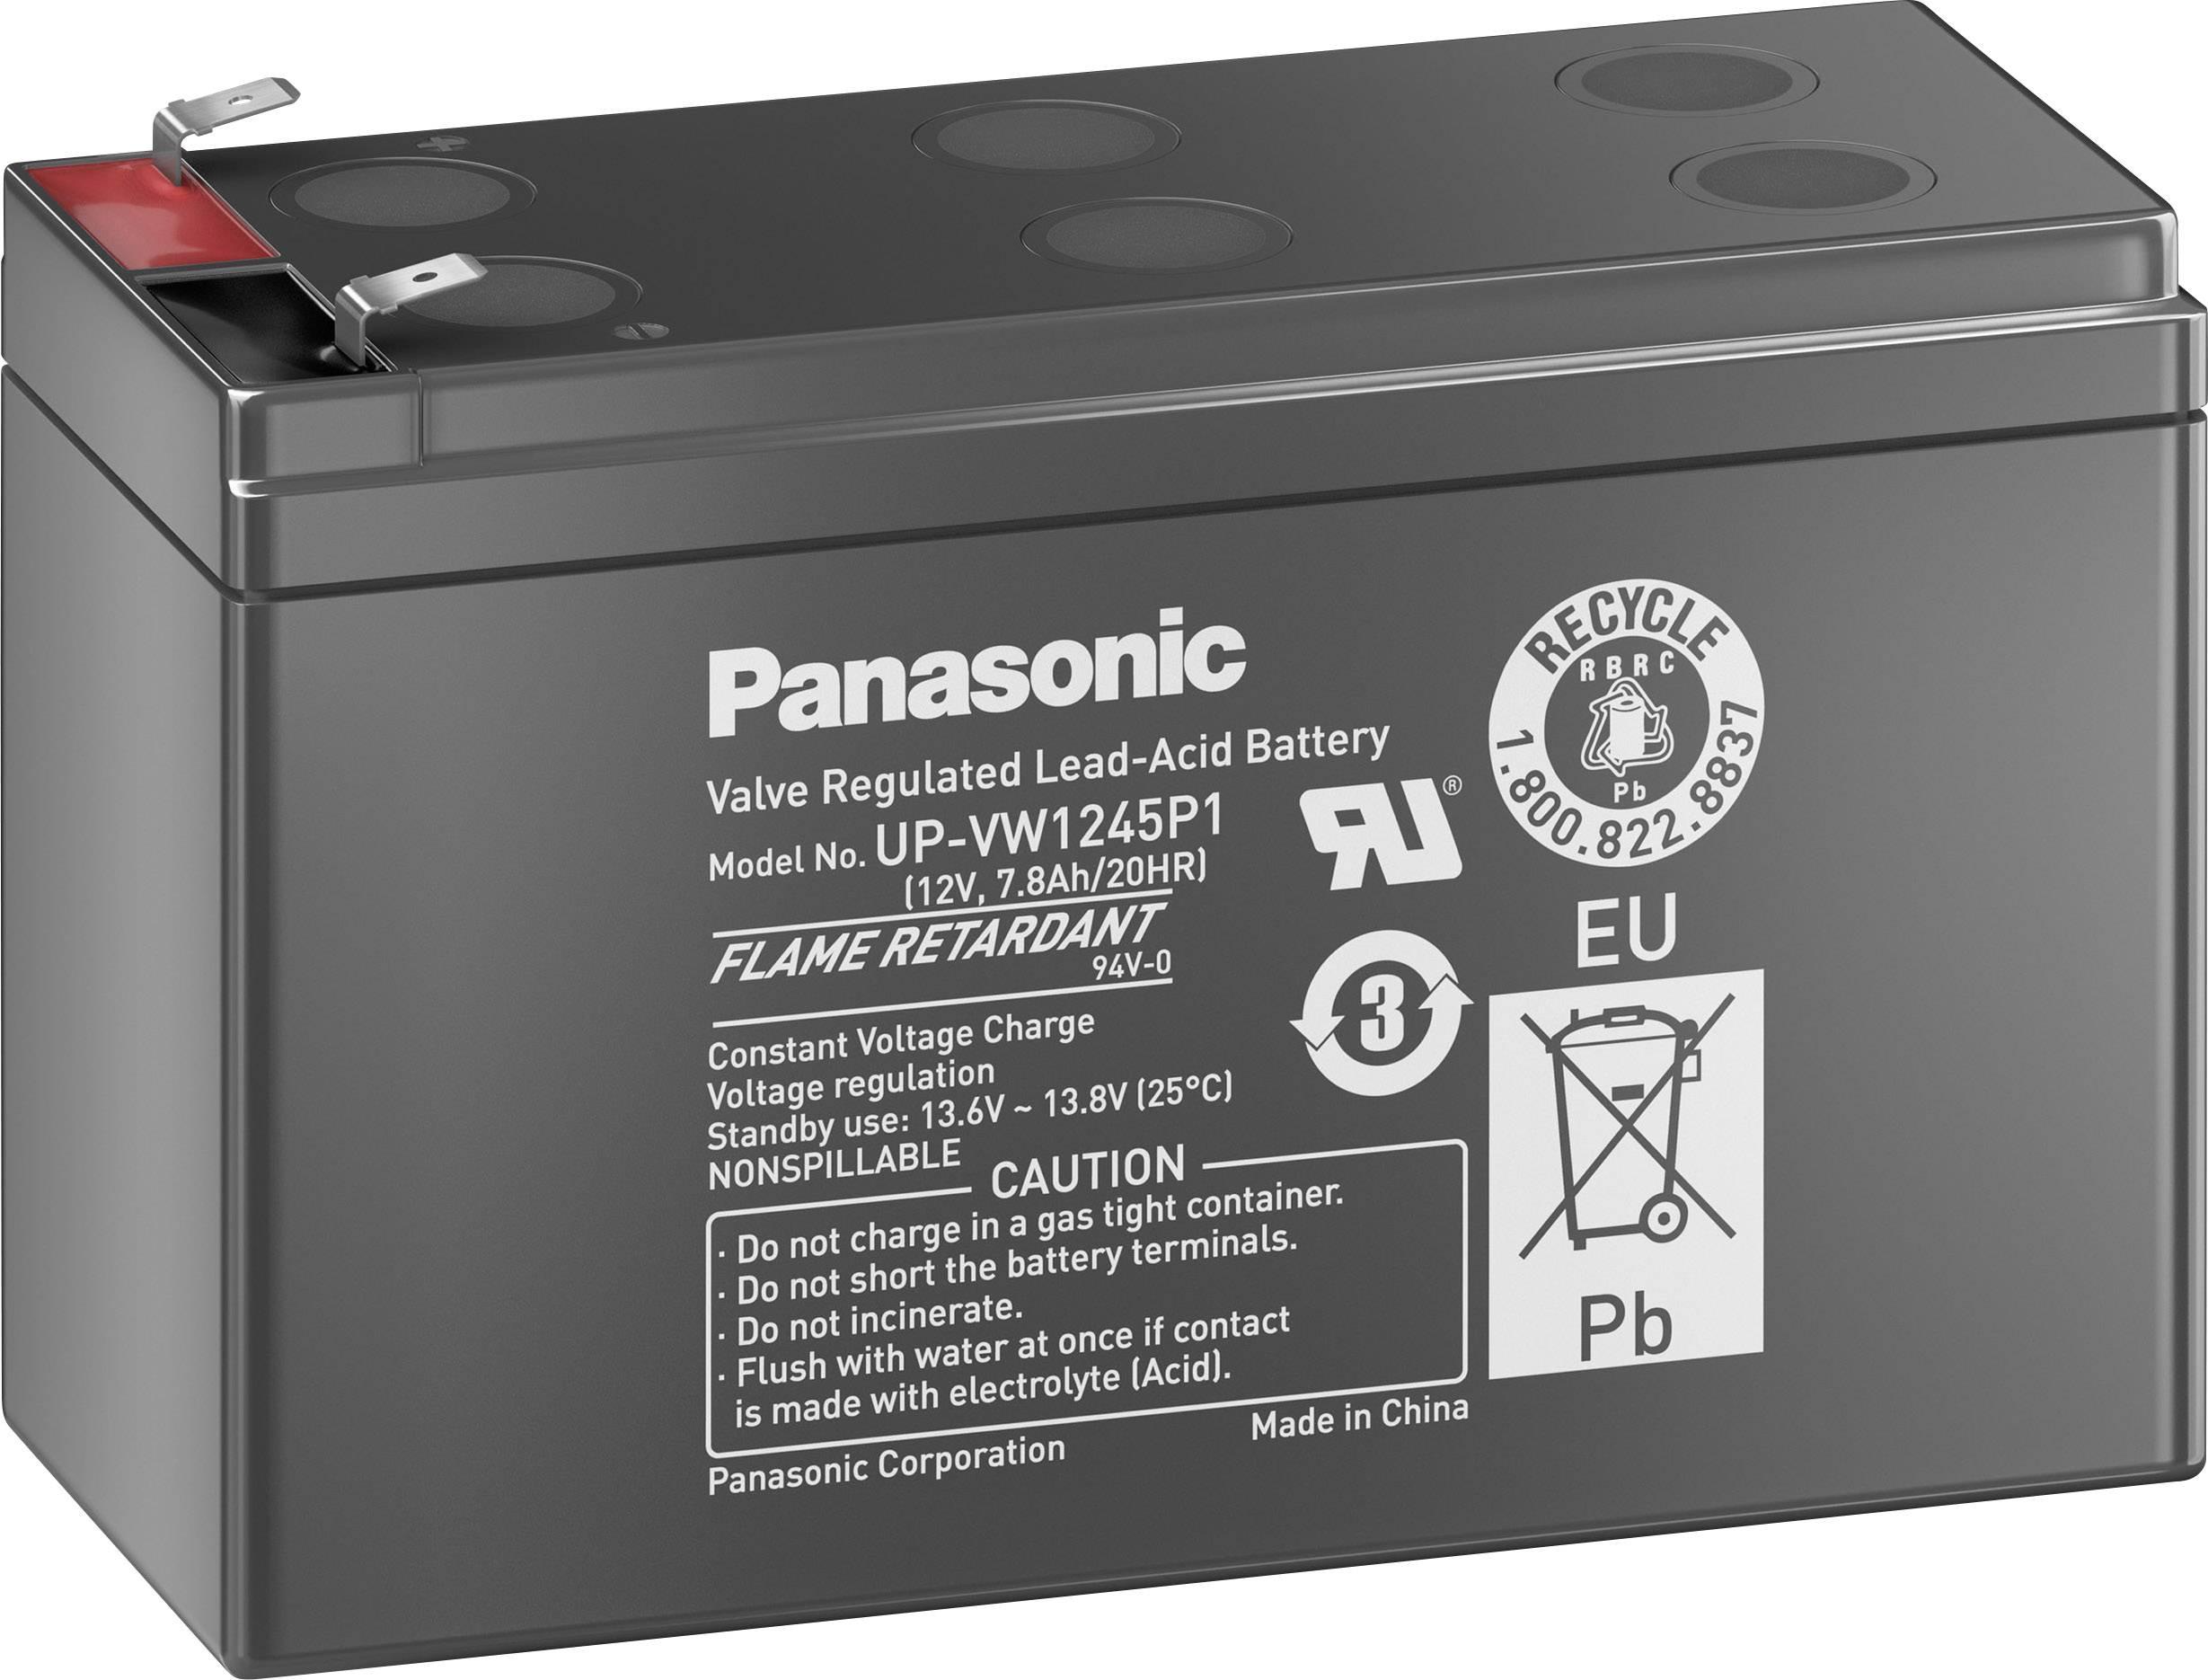 Olověný akumulátor Panasonic High-Power UP-VW1245P1, 7.8 Ah, 12 V